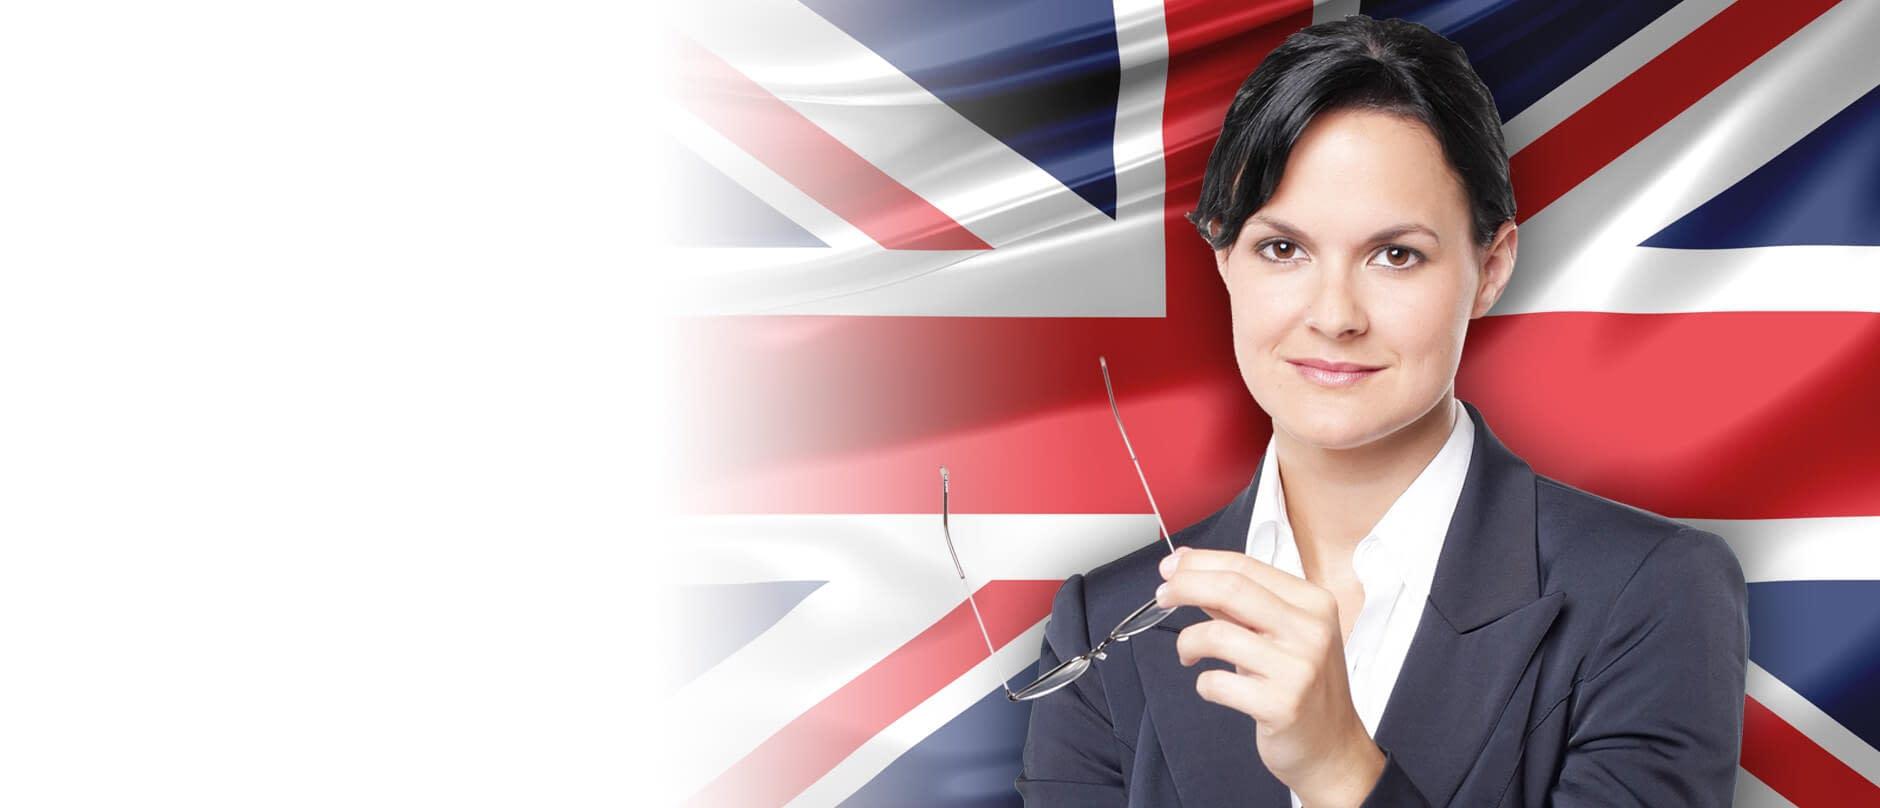 Młoda w żakiecie kobieta uśmiecha się na tle flagi brytyjskiej